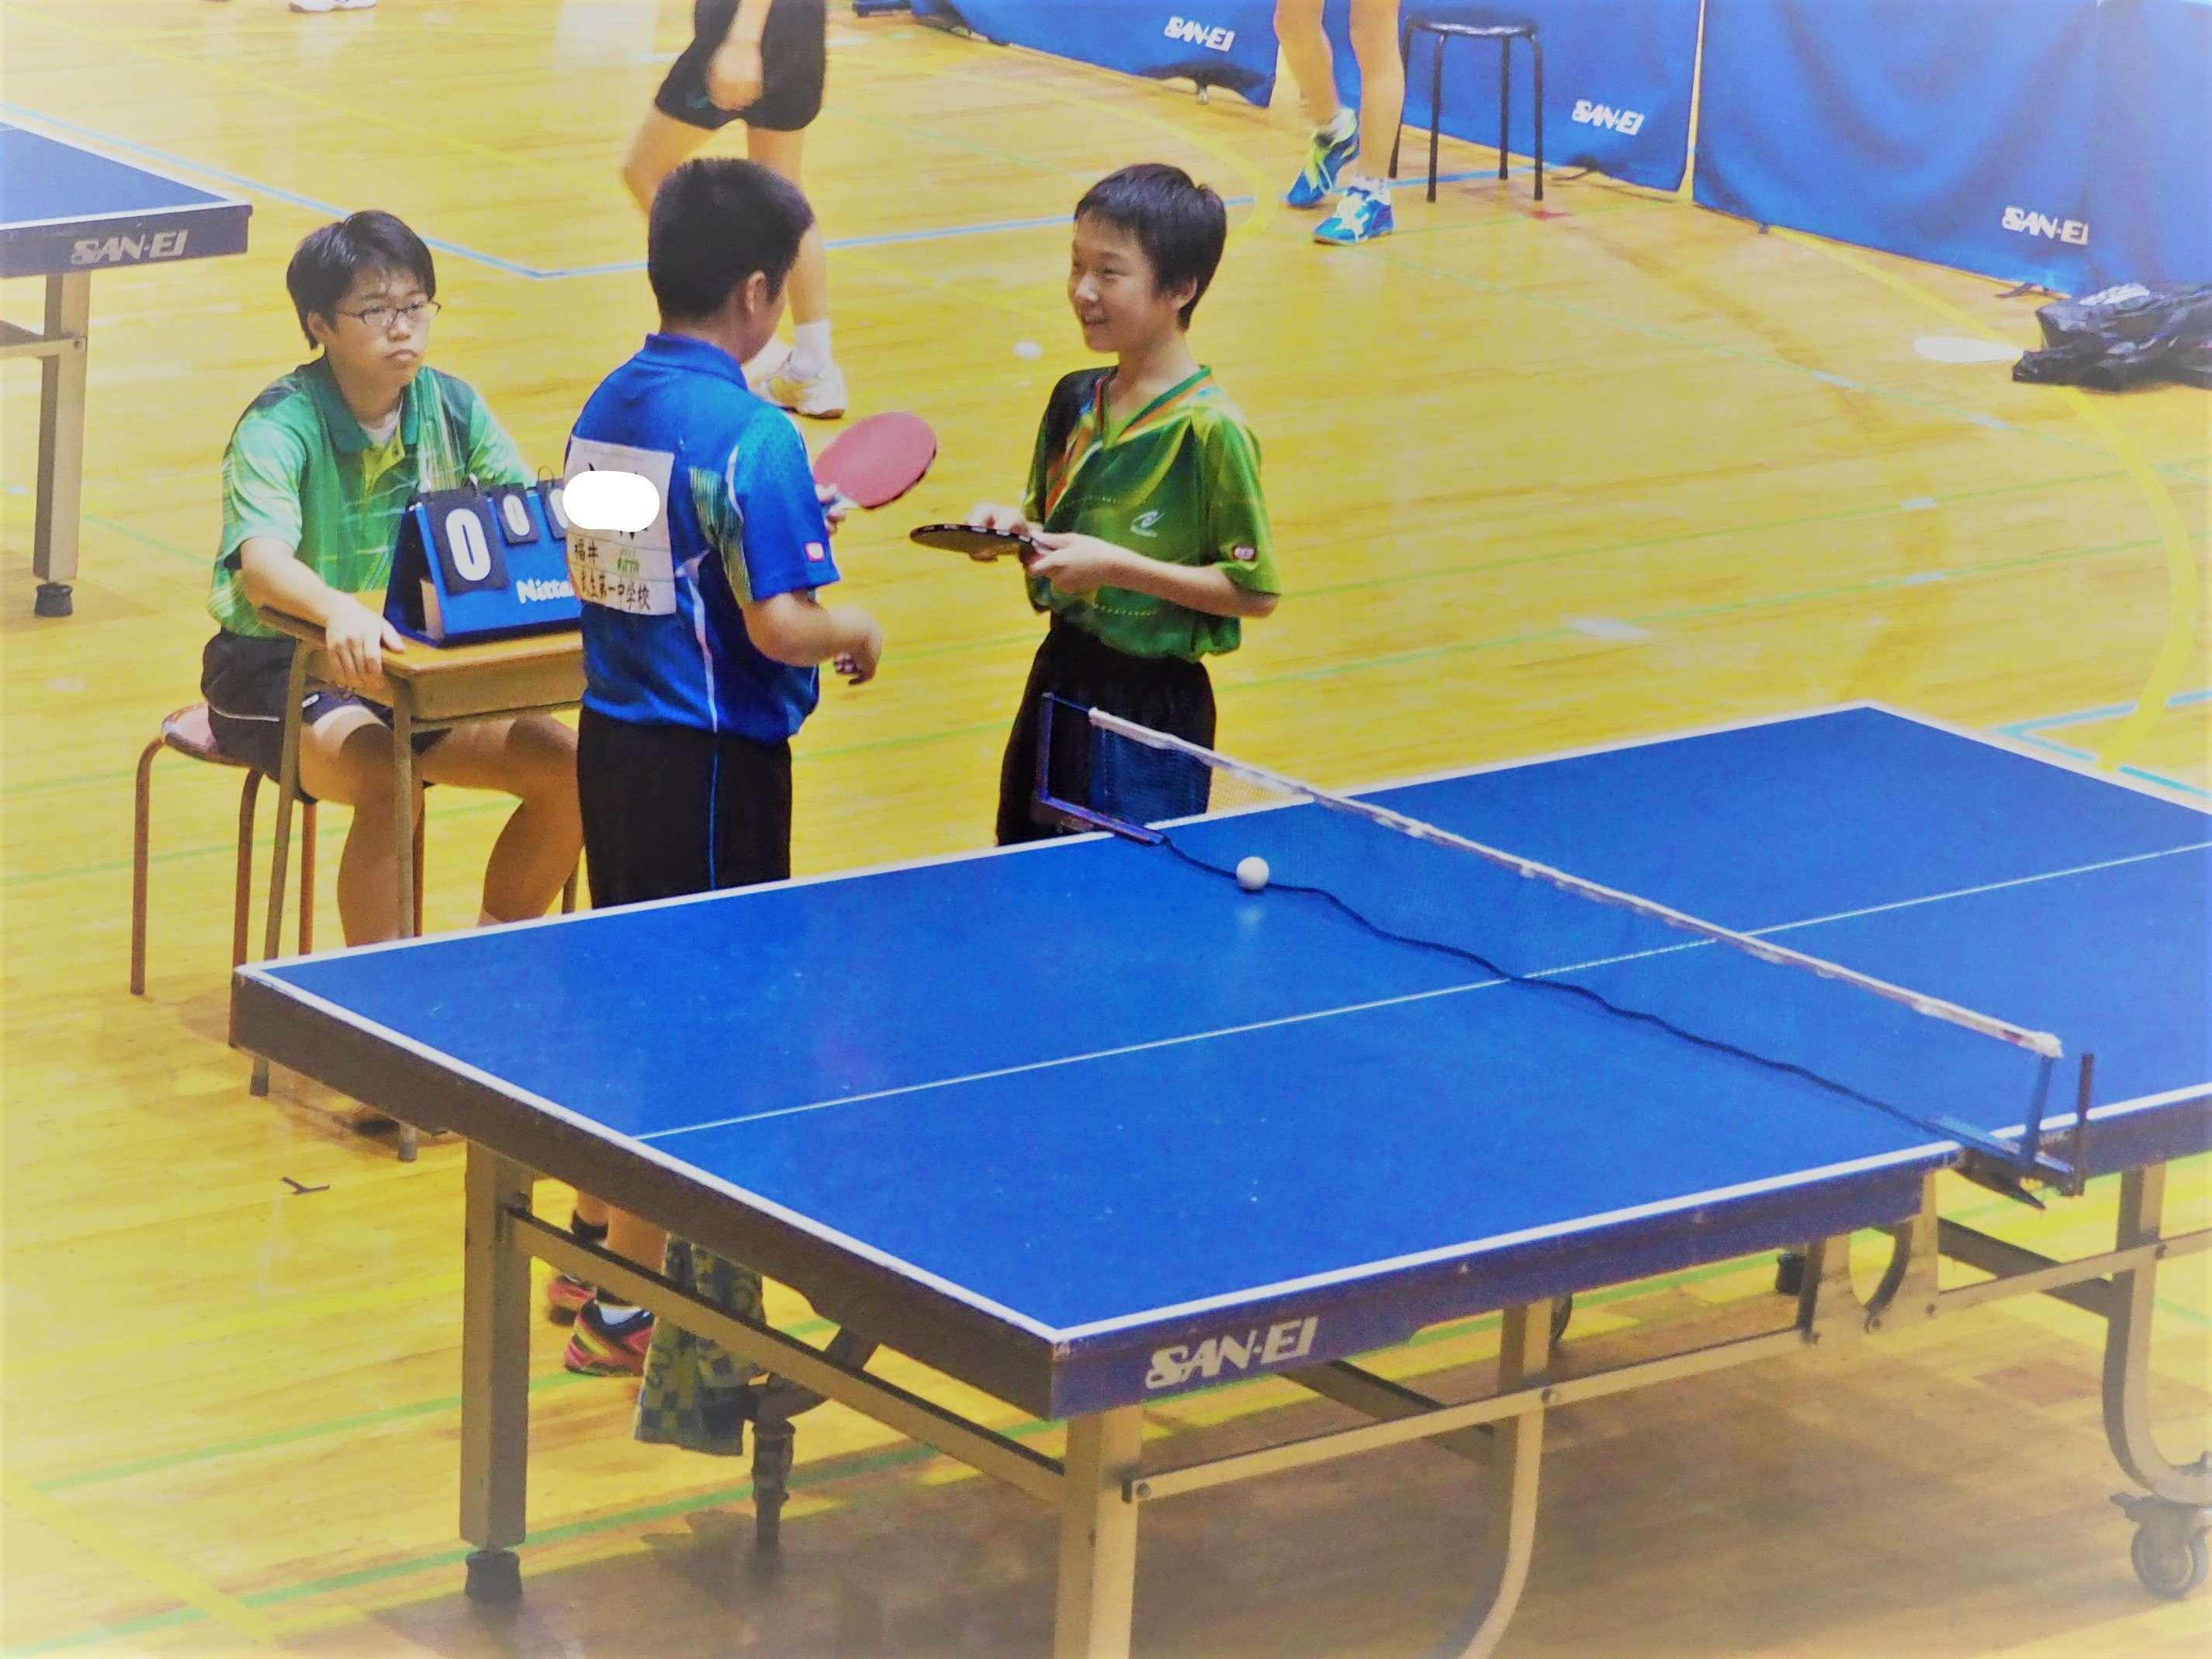 20170709_夏季総合競技大会南越地区卓球大会01